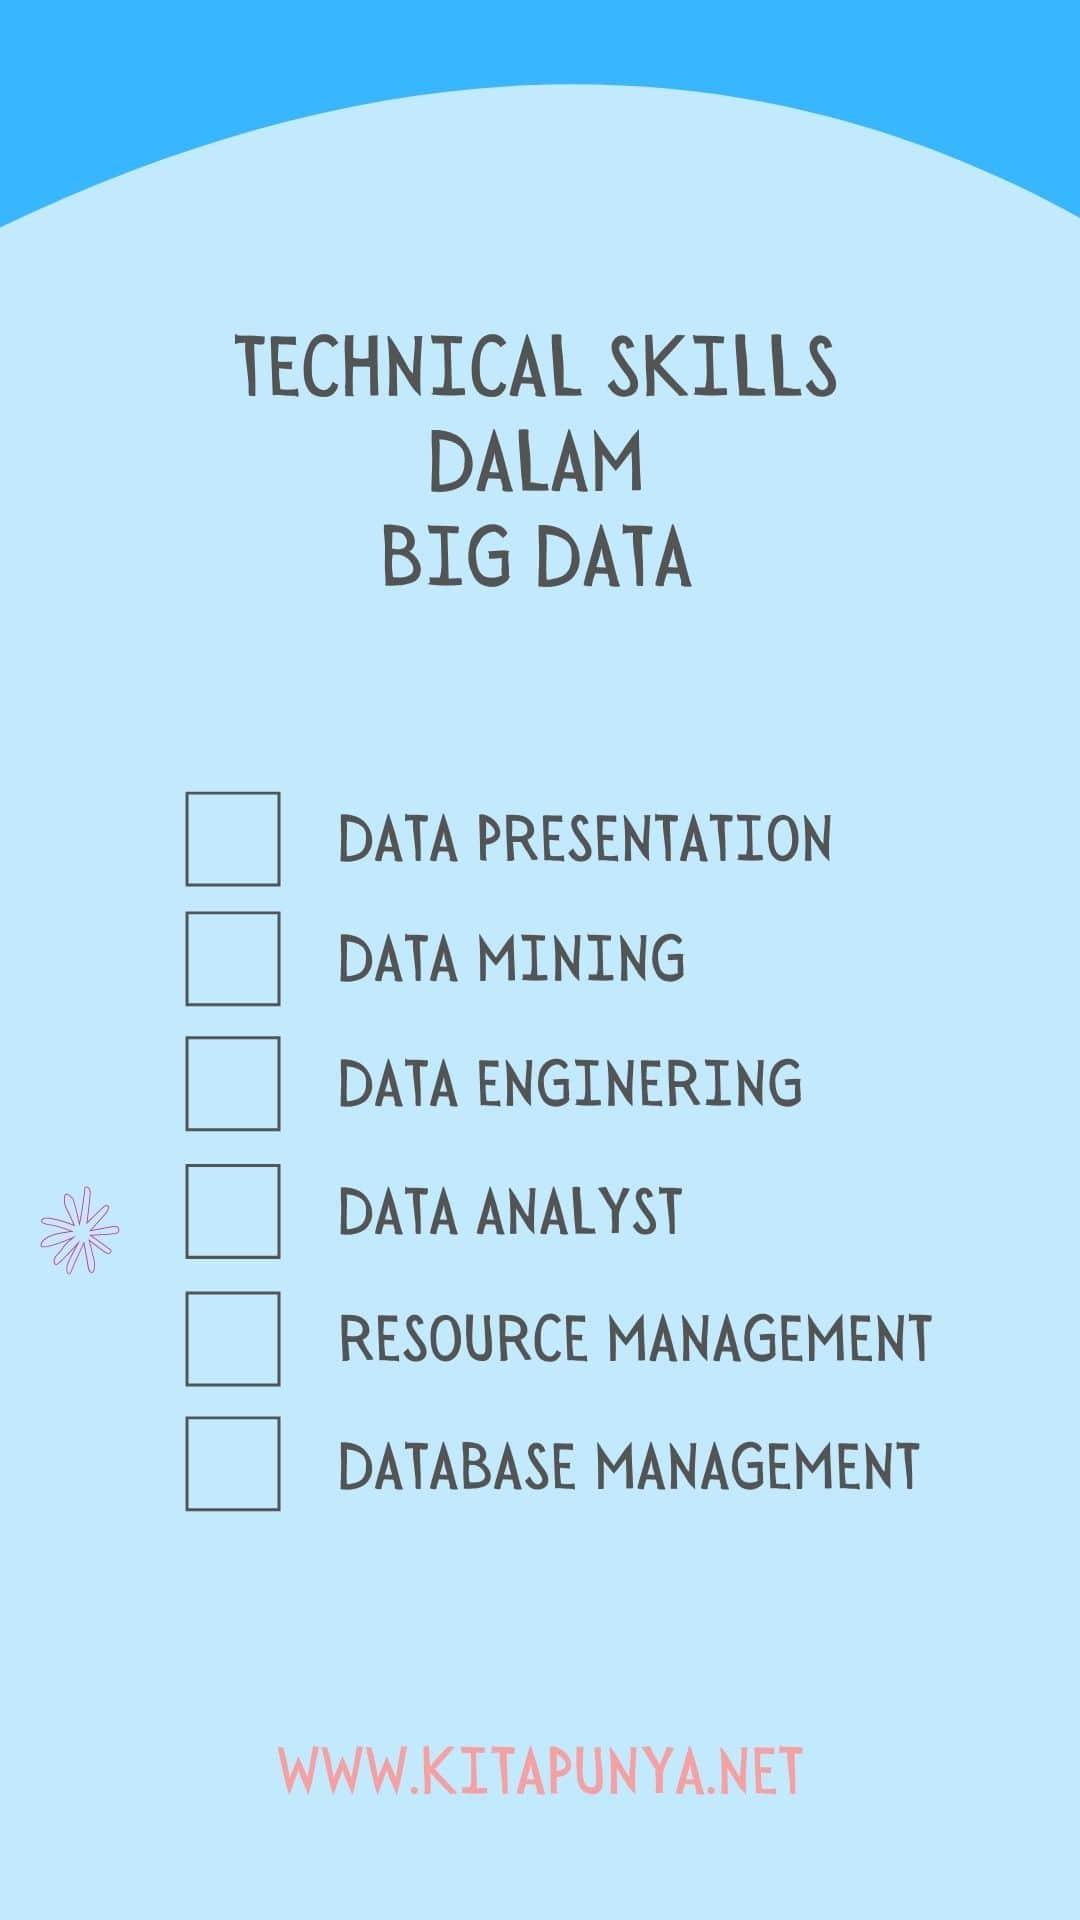 technical skills dalam big data